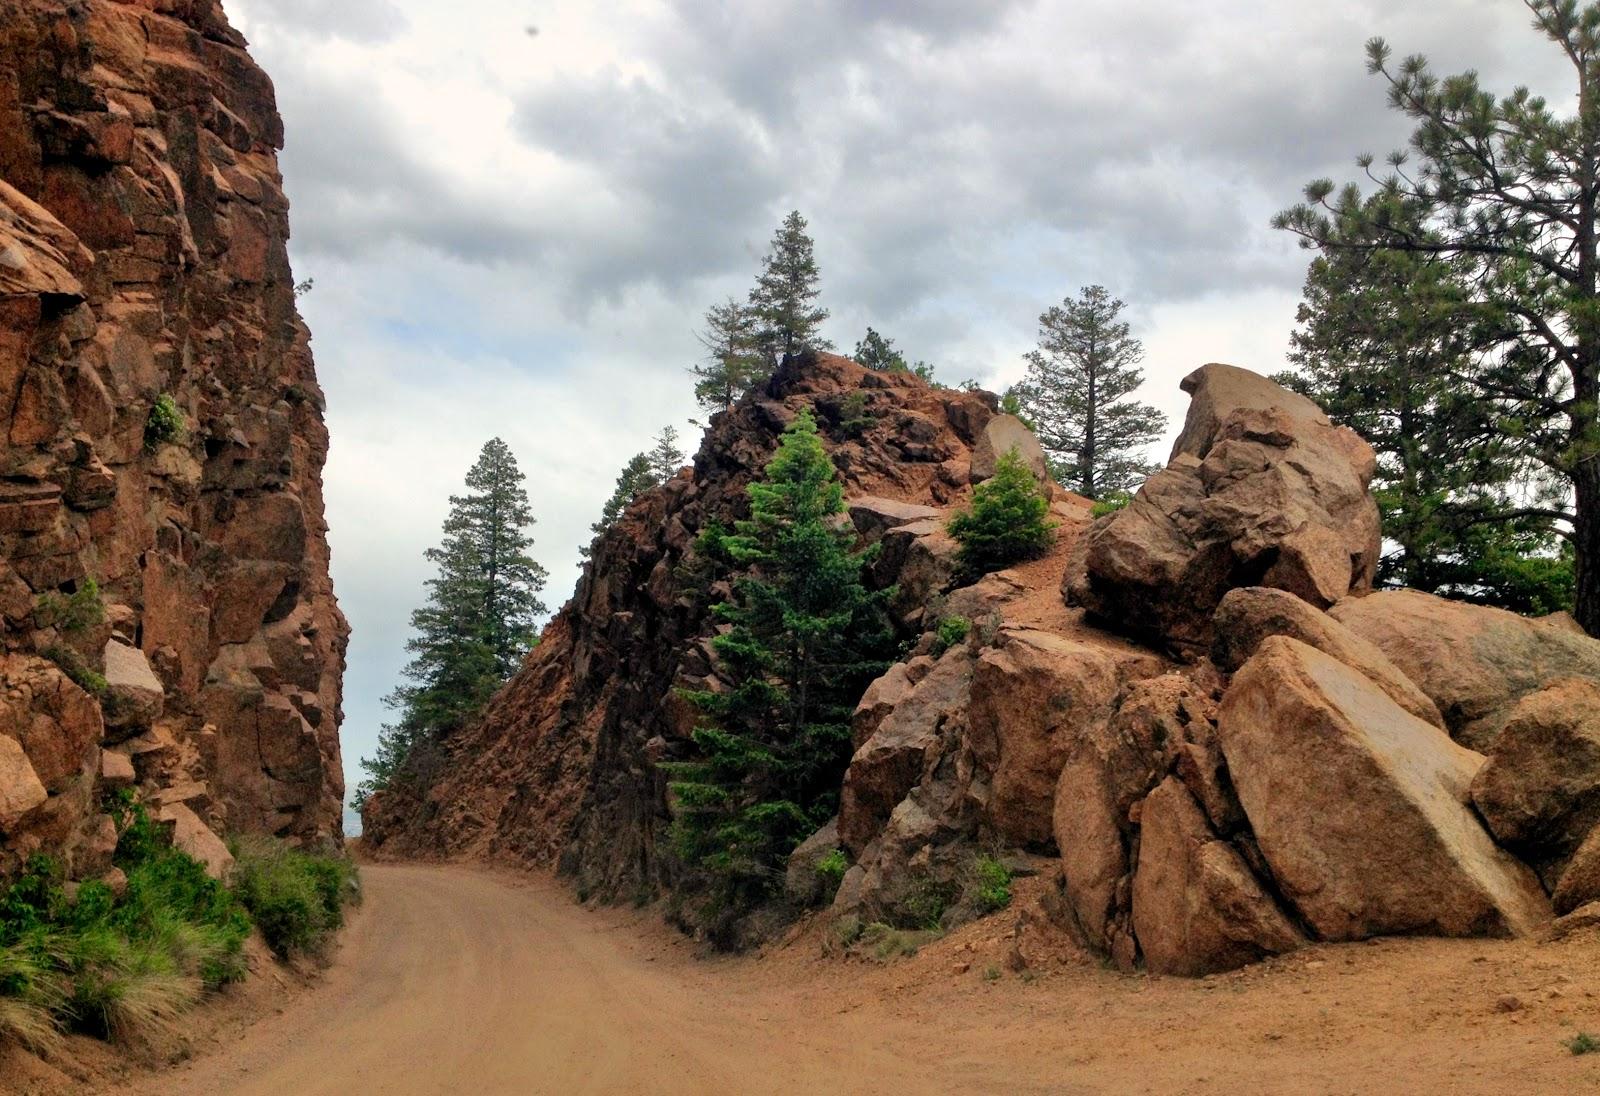 Все рукодельные блоги выставляют в понедельник отчеты о проделанной работе. А для меня в выходные как положено выходные без права думать о работе. Куда пойти погулять в Колорадо Спрингс? Правильно, в горы!  Про Cheyenne Mountain State park расположенный в г.Колорадо Спригс я уже рассказывала